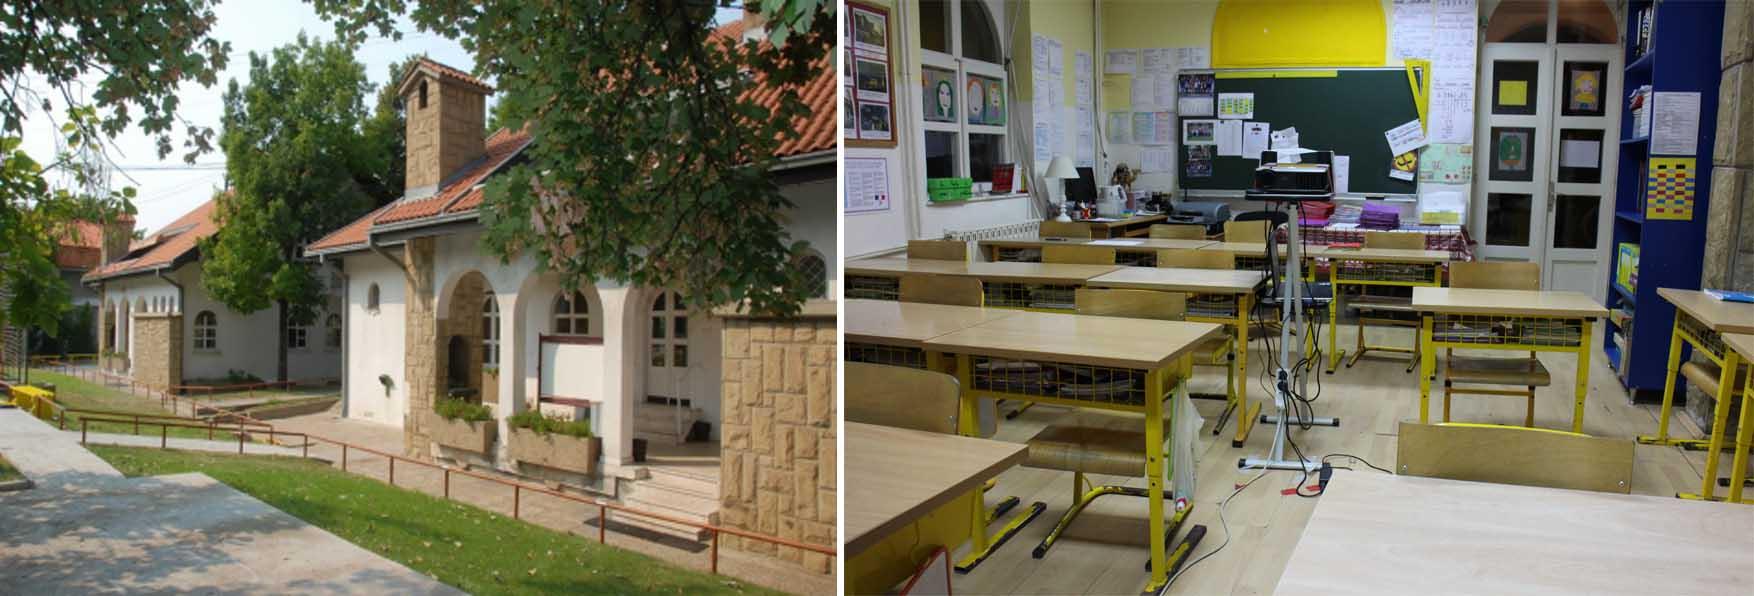 01 francuska skola Beograd